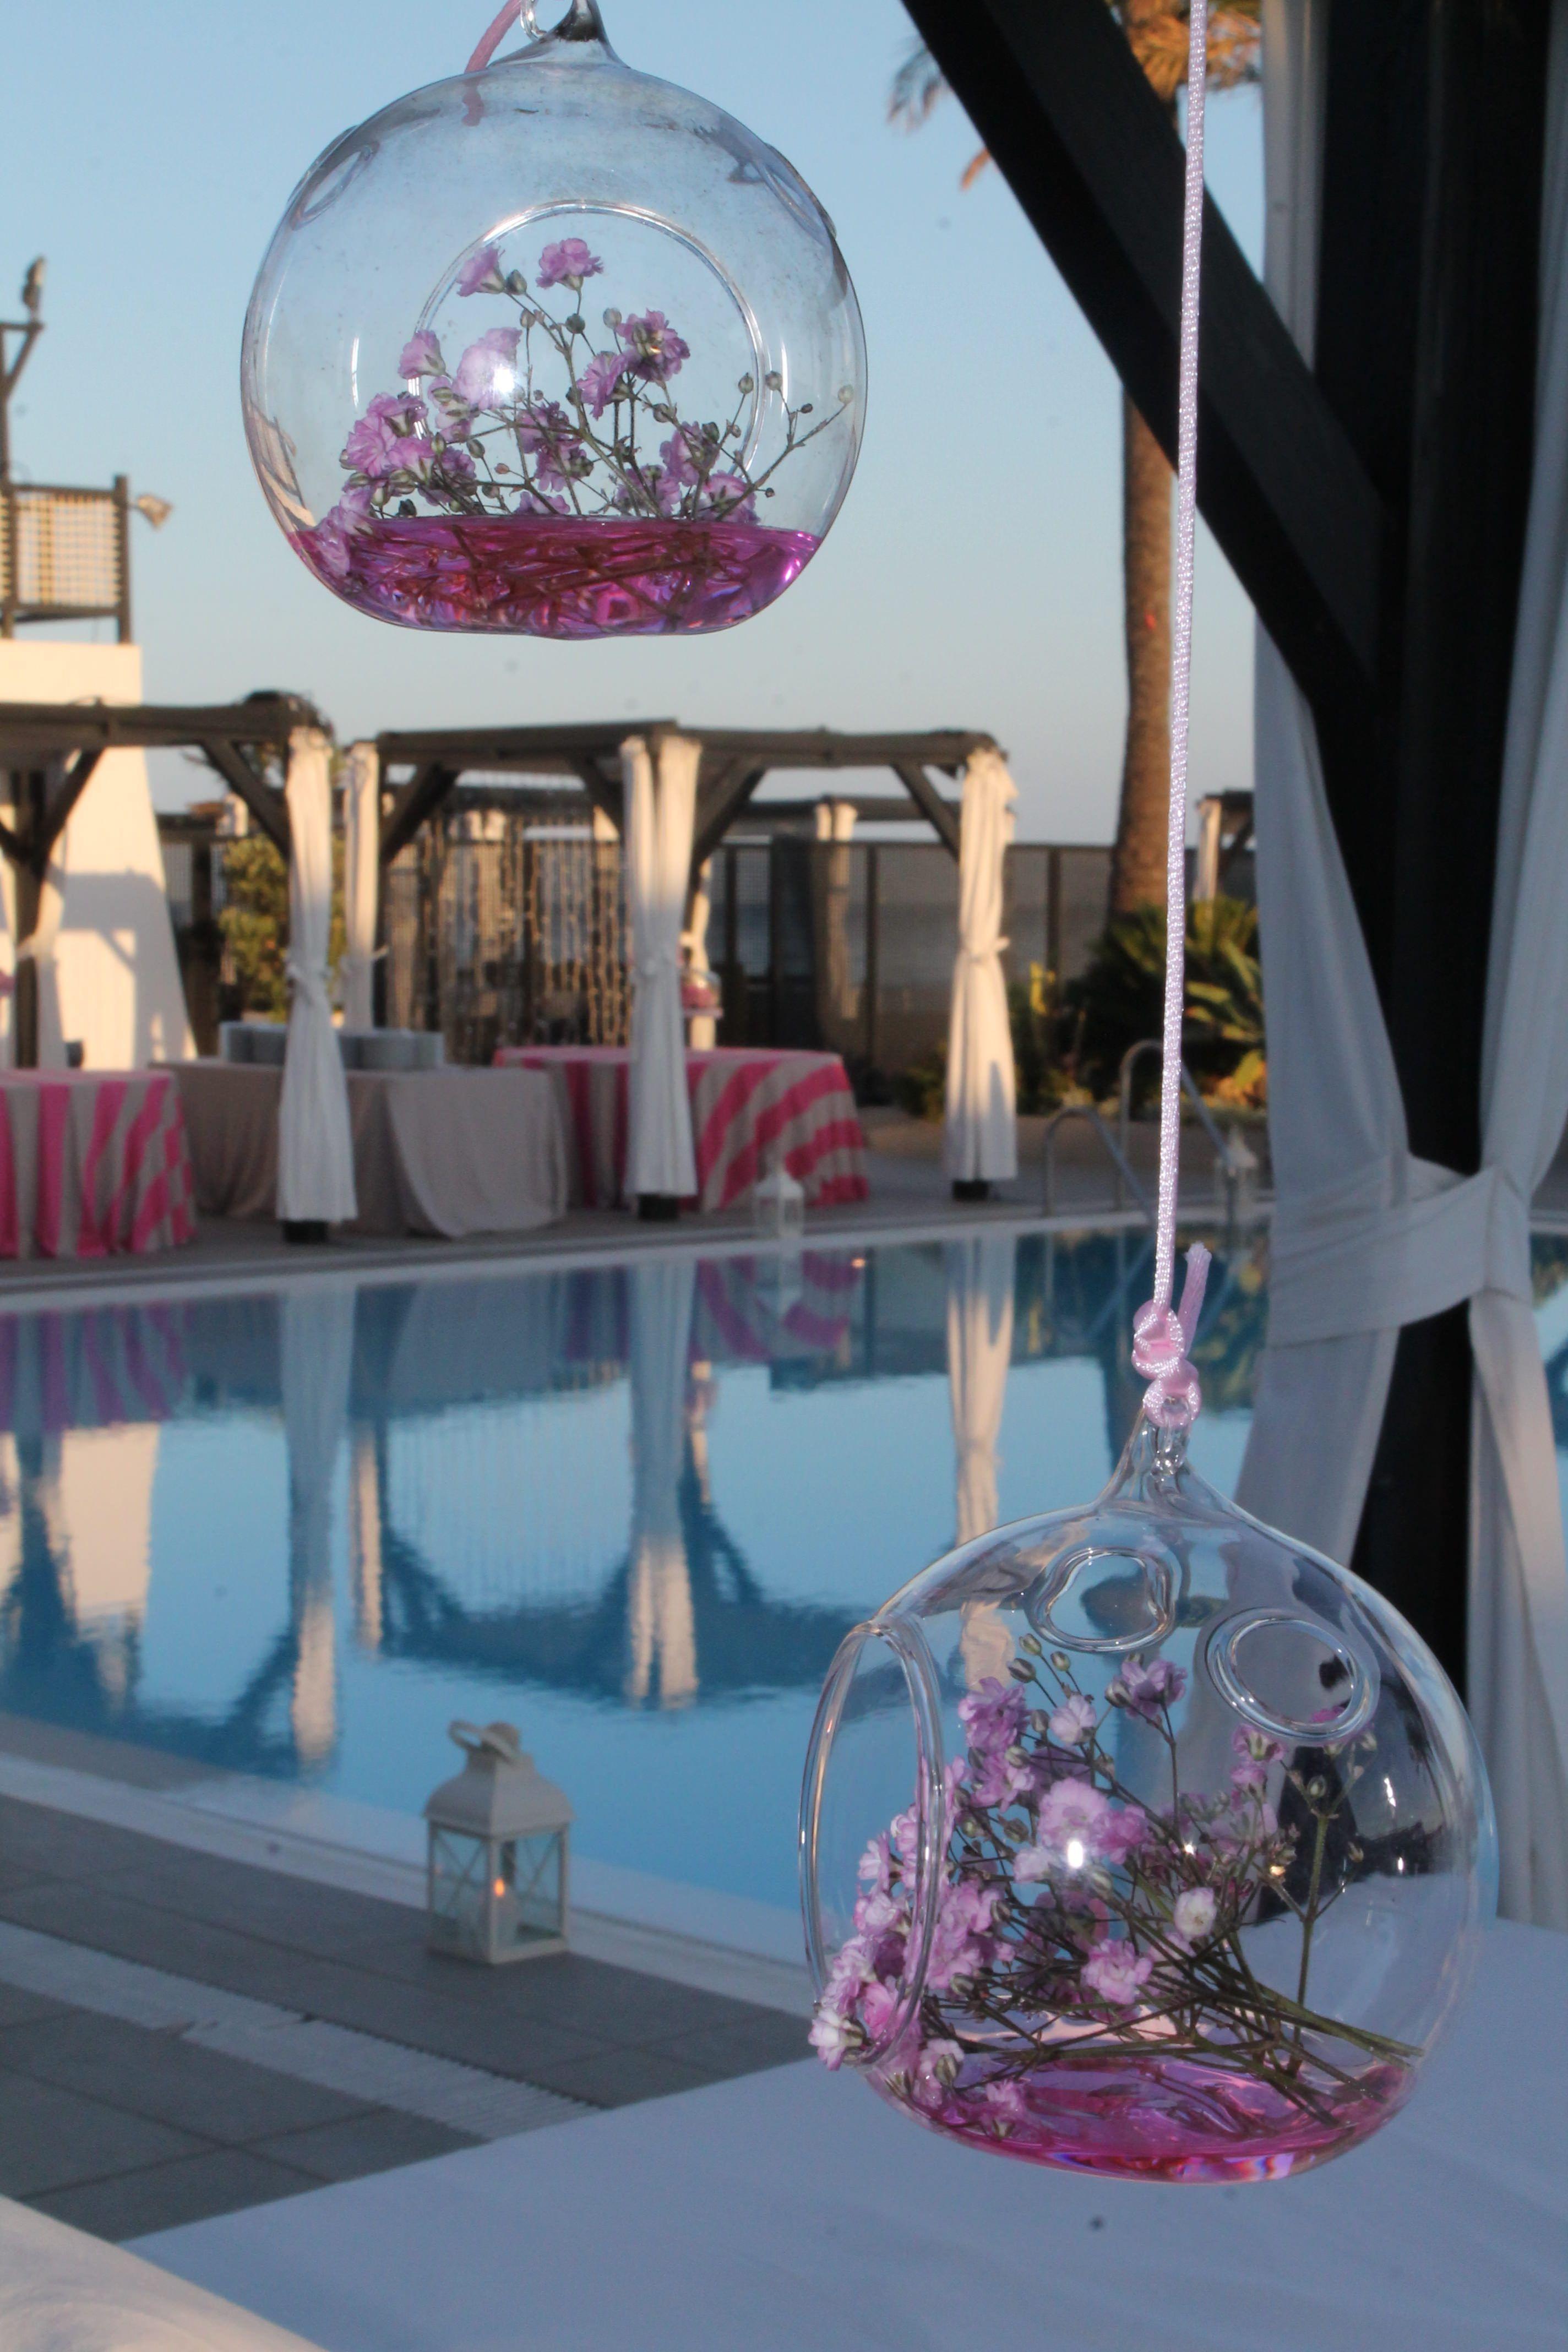 originales recipientes de cristal con adornos florales para decorar tu boda junto a la piscina del